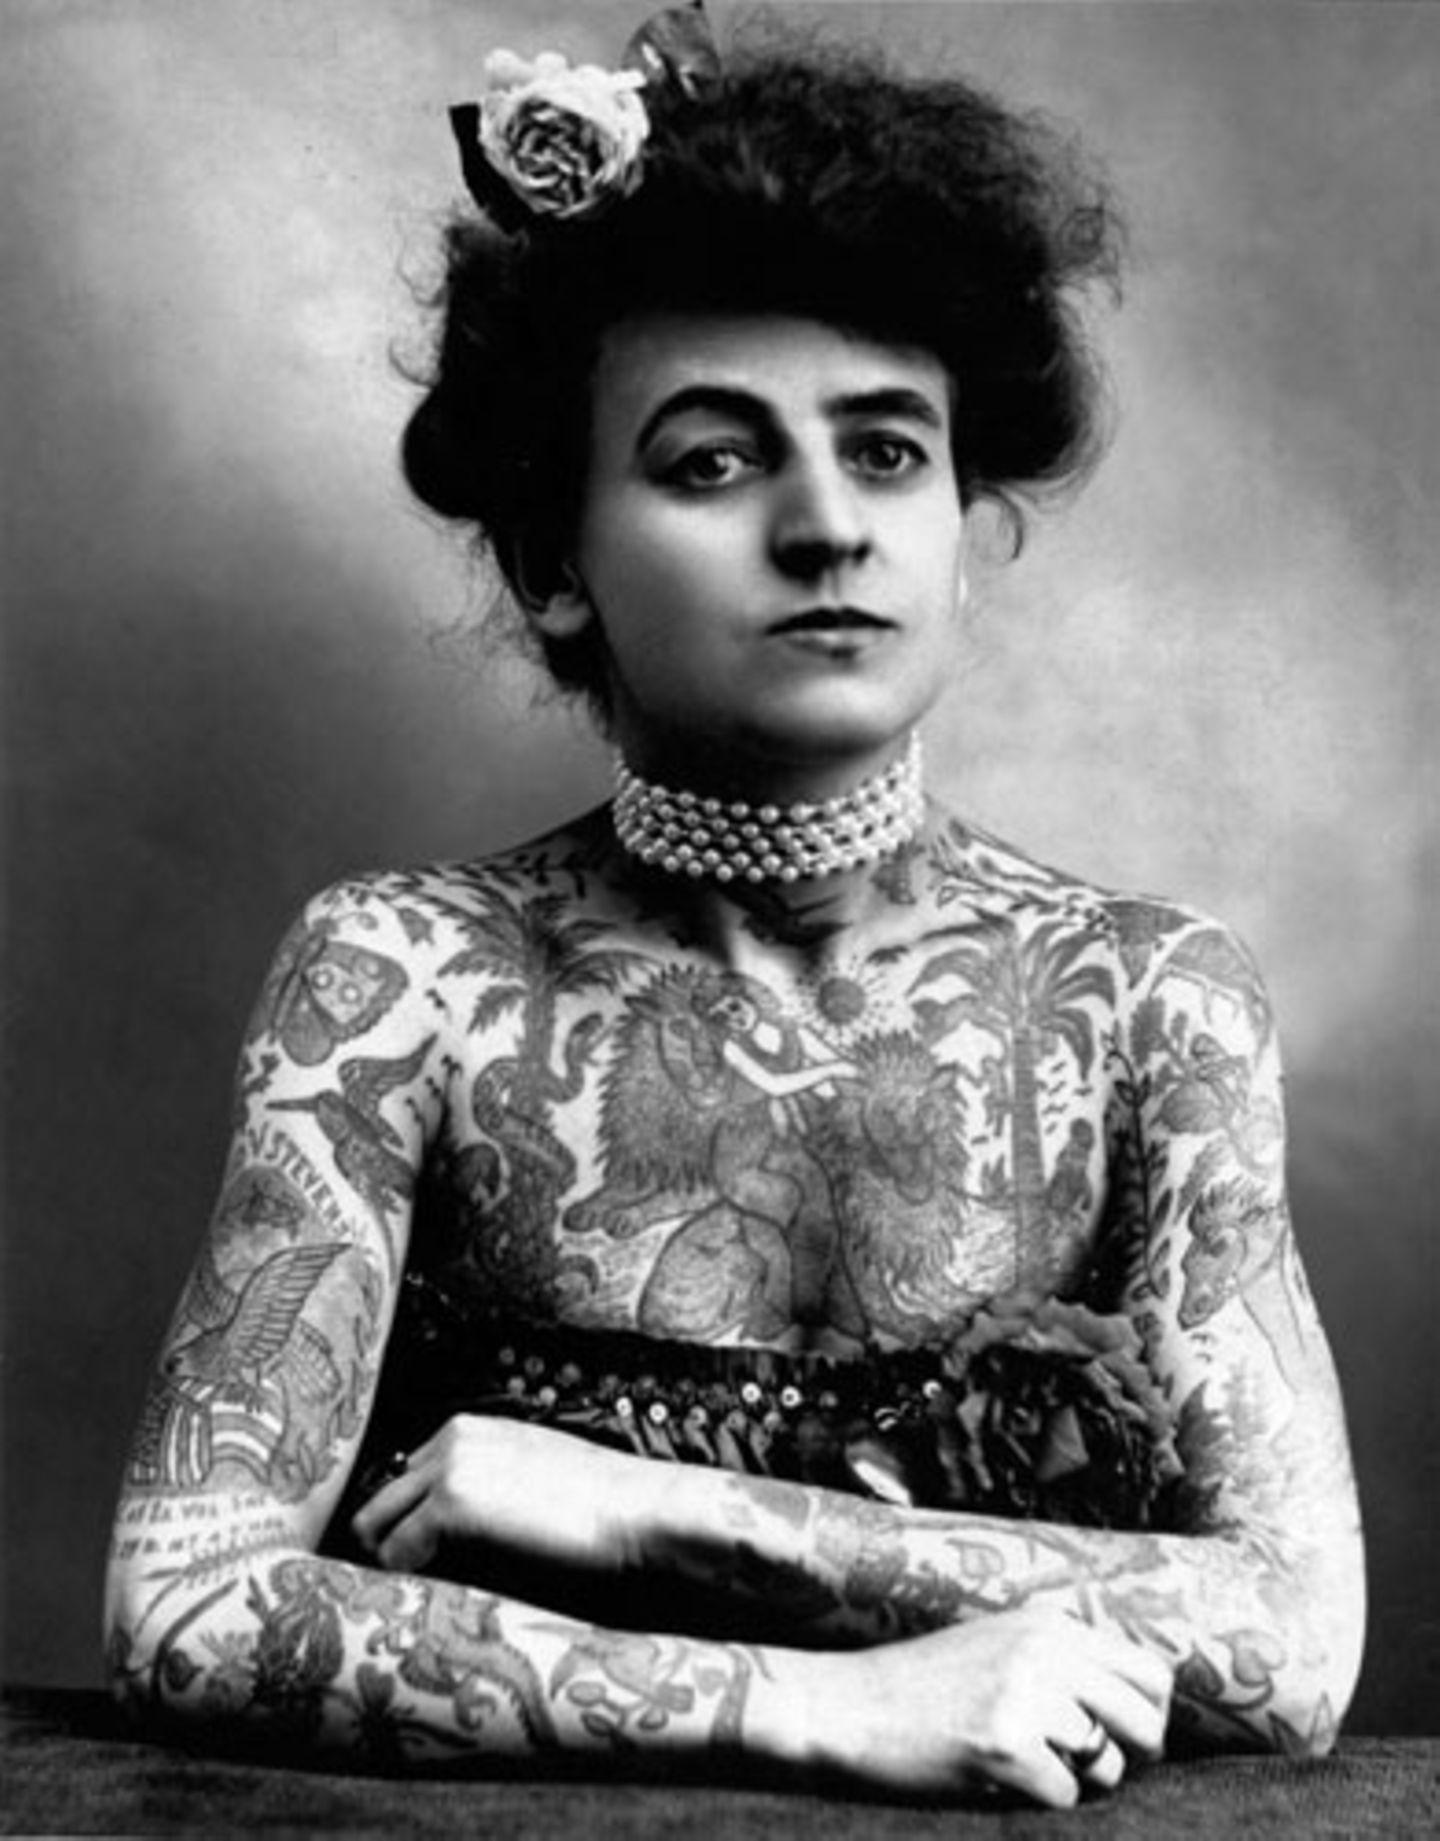 Maud Stevens Wagner, 1877-1961